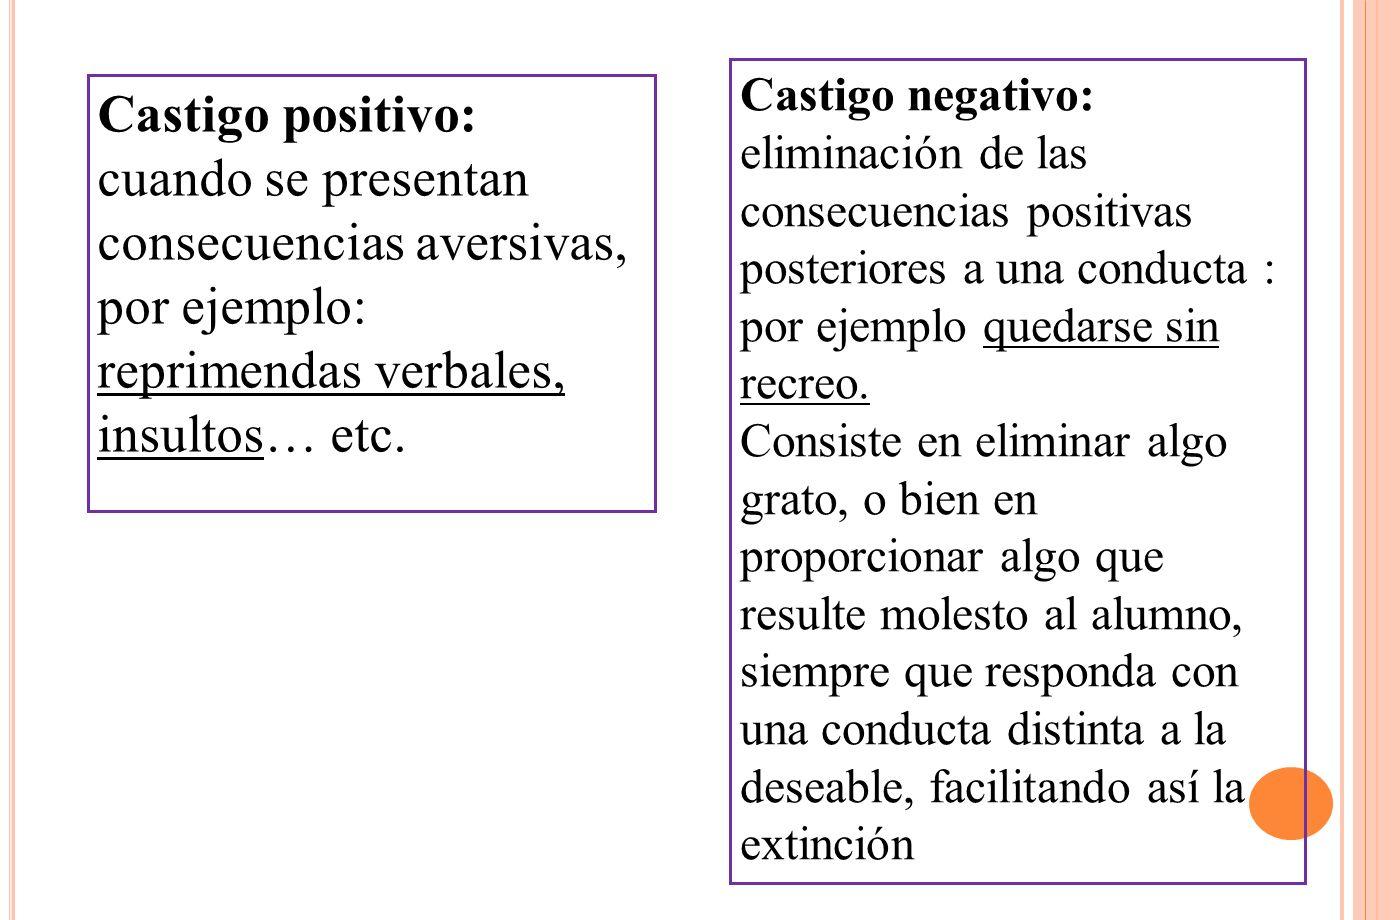 Castigo positivo: cuando se presentan consecuencias aversivas, por ejemplo: reprimendas verbales, insultos… etc. Castigo negativo: eliminación de las